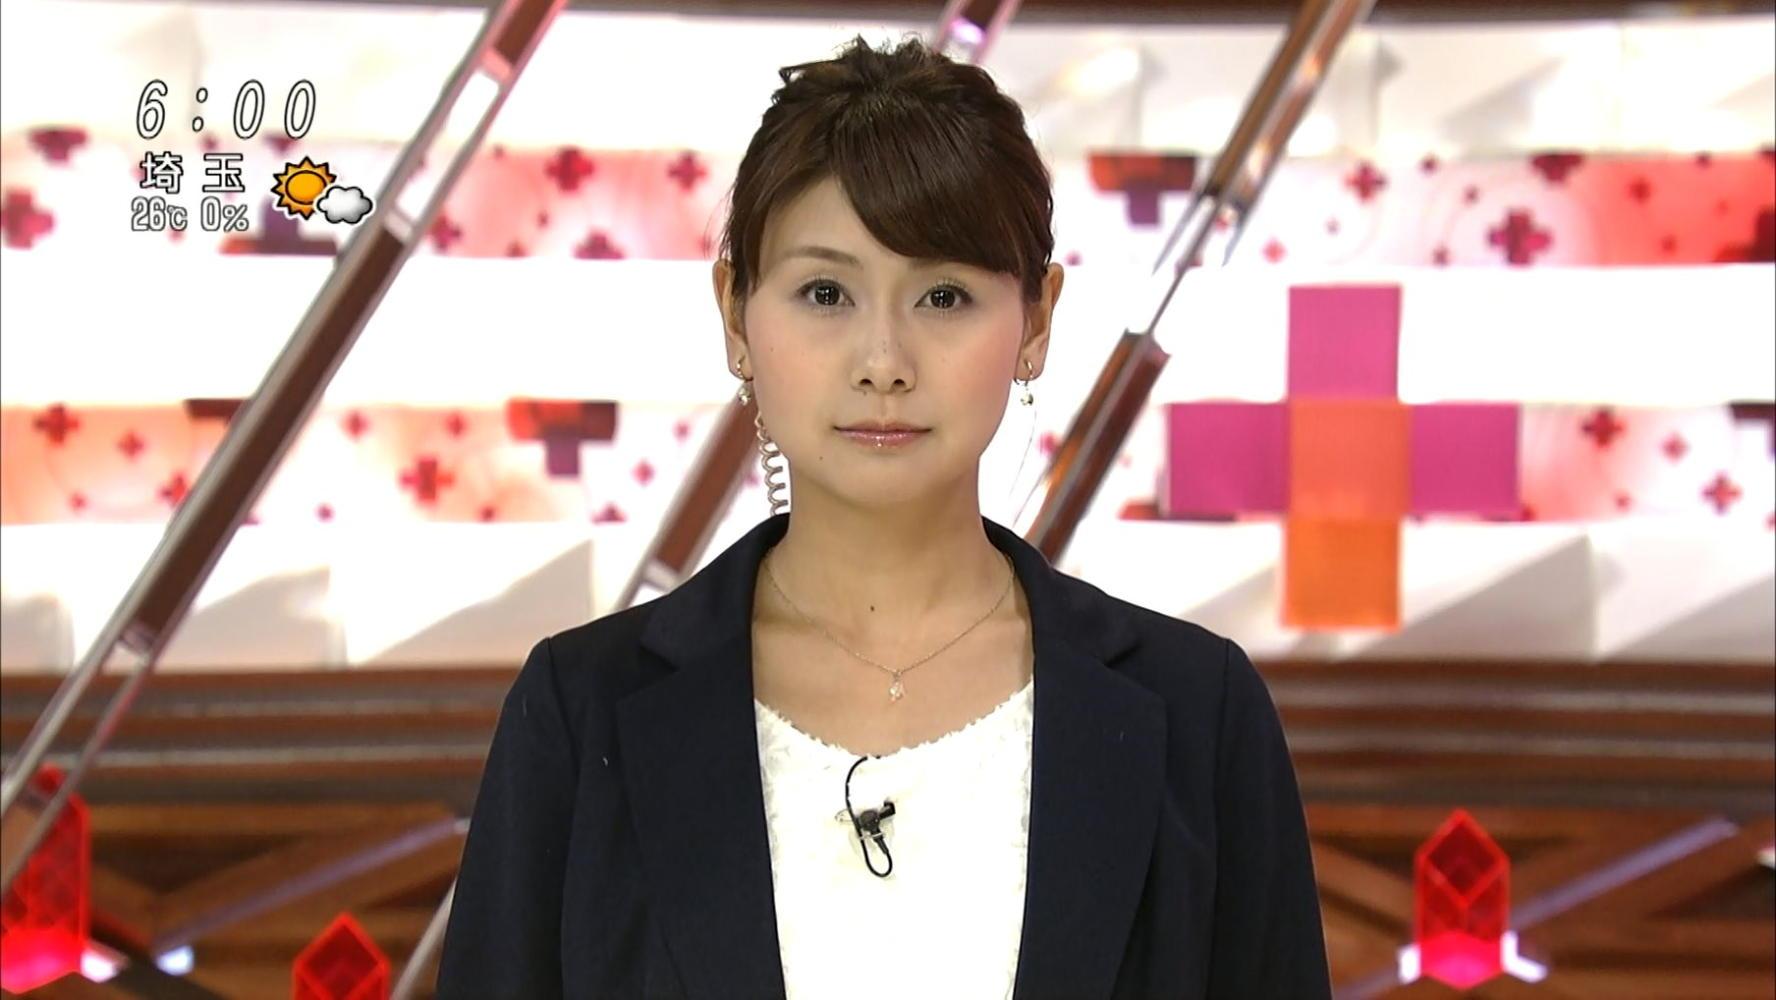 山中章子 産経テレニュースFNN 13/09/29:女子アナキャプでも... 山中章子 via